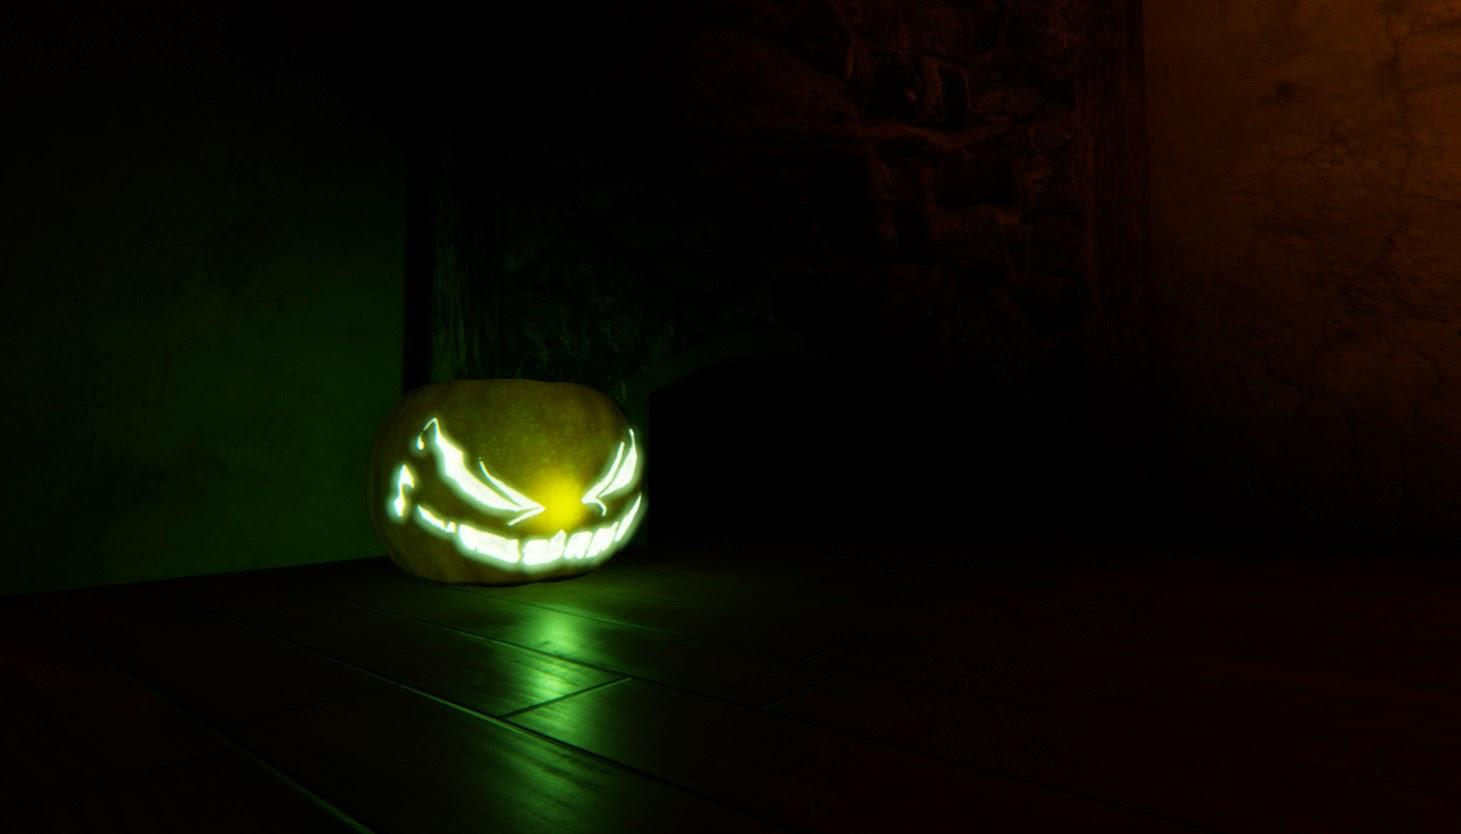 Pumpkin in the dark 2